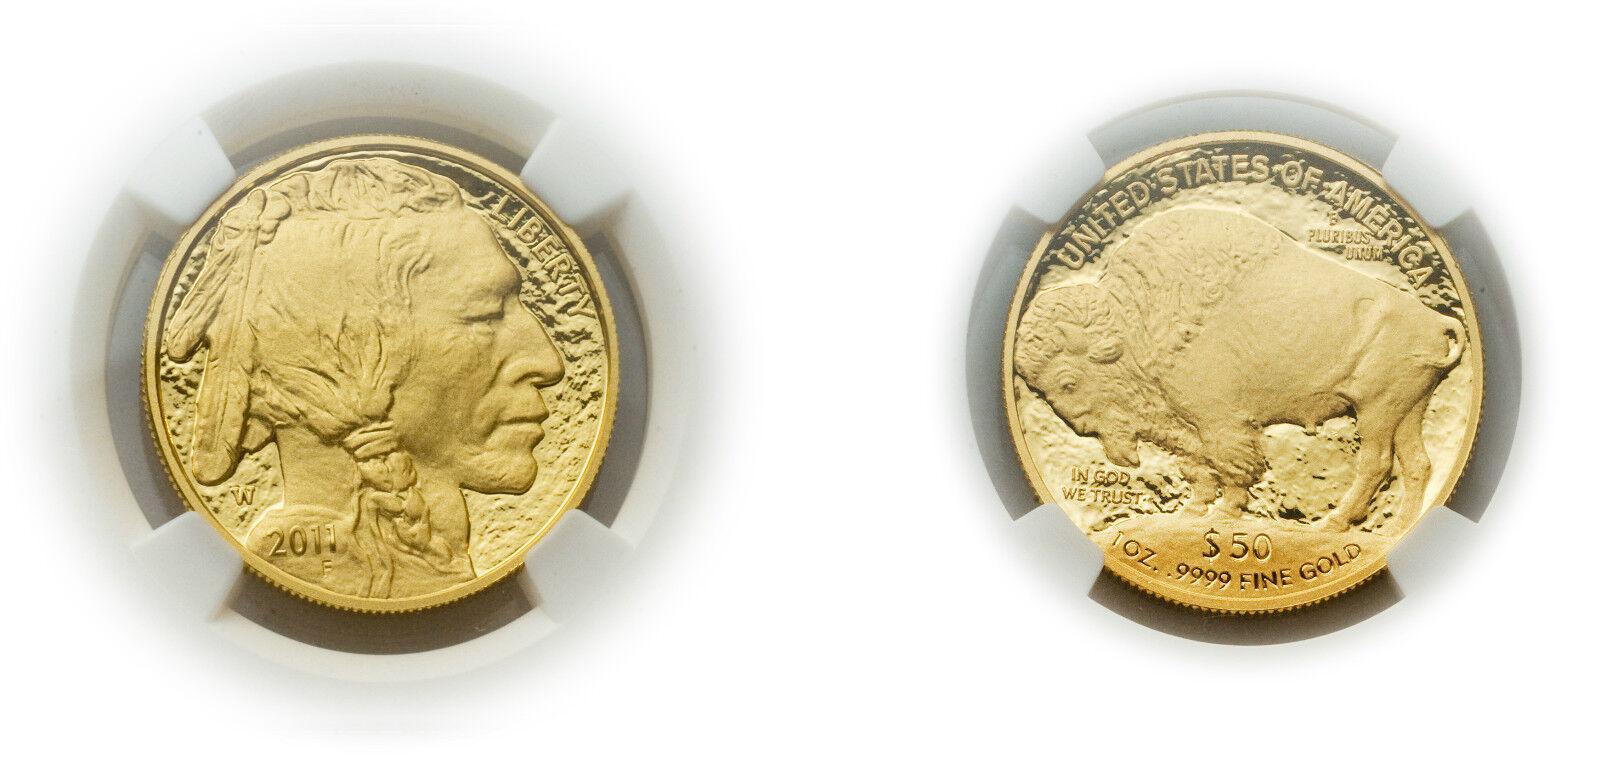 Usa 2011 W Buffalo 50 Dollars Gold 1 Oz Coin Ngc Pf 69 Ebay